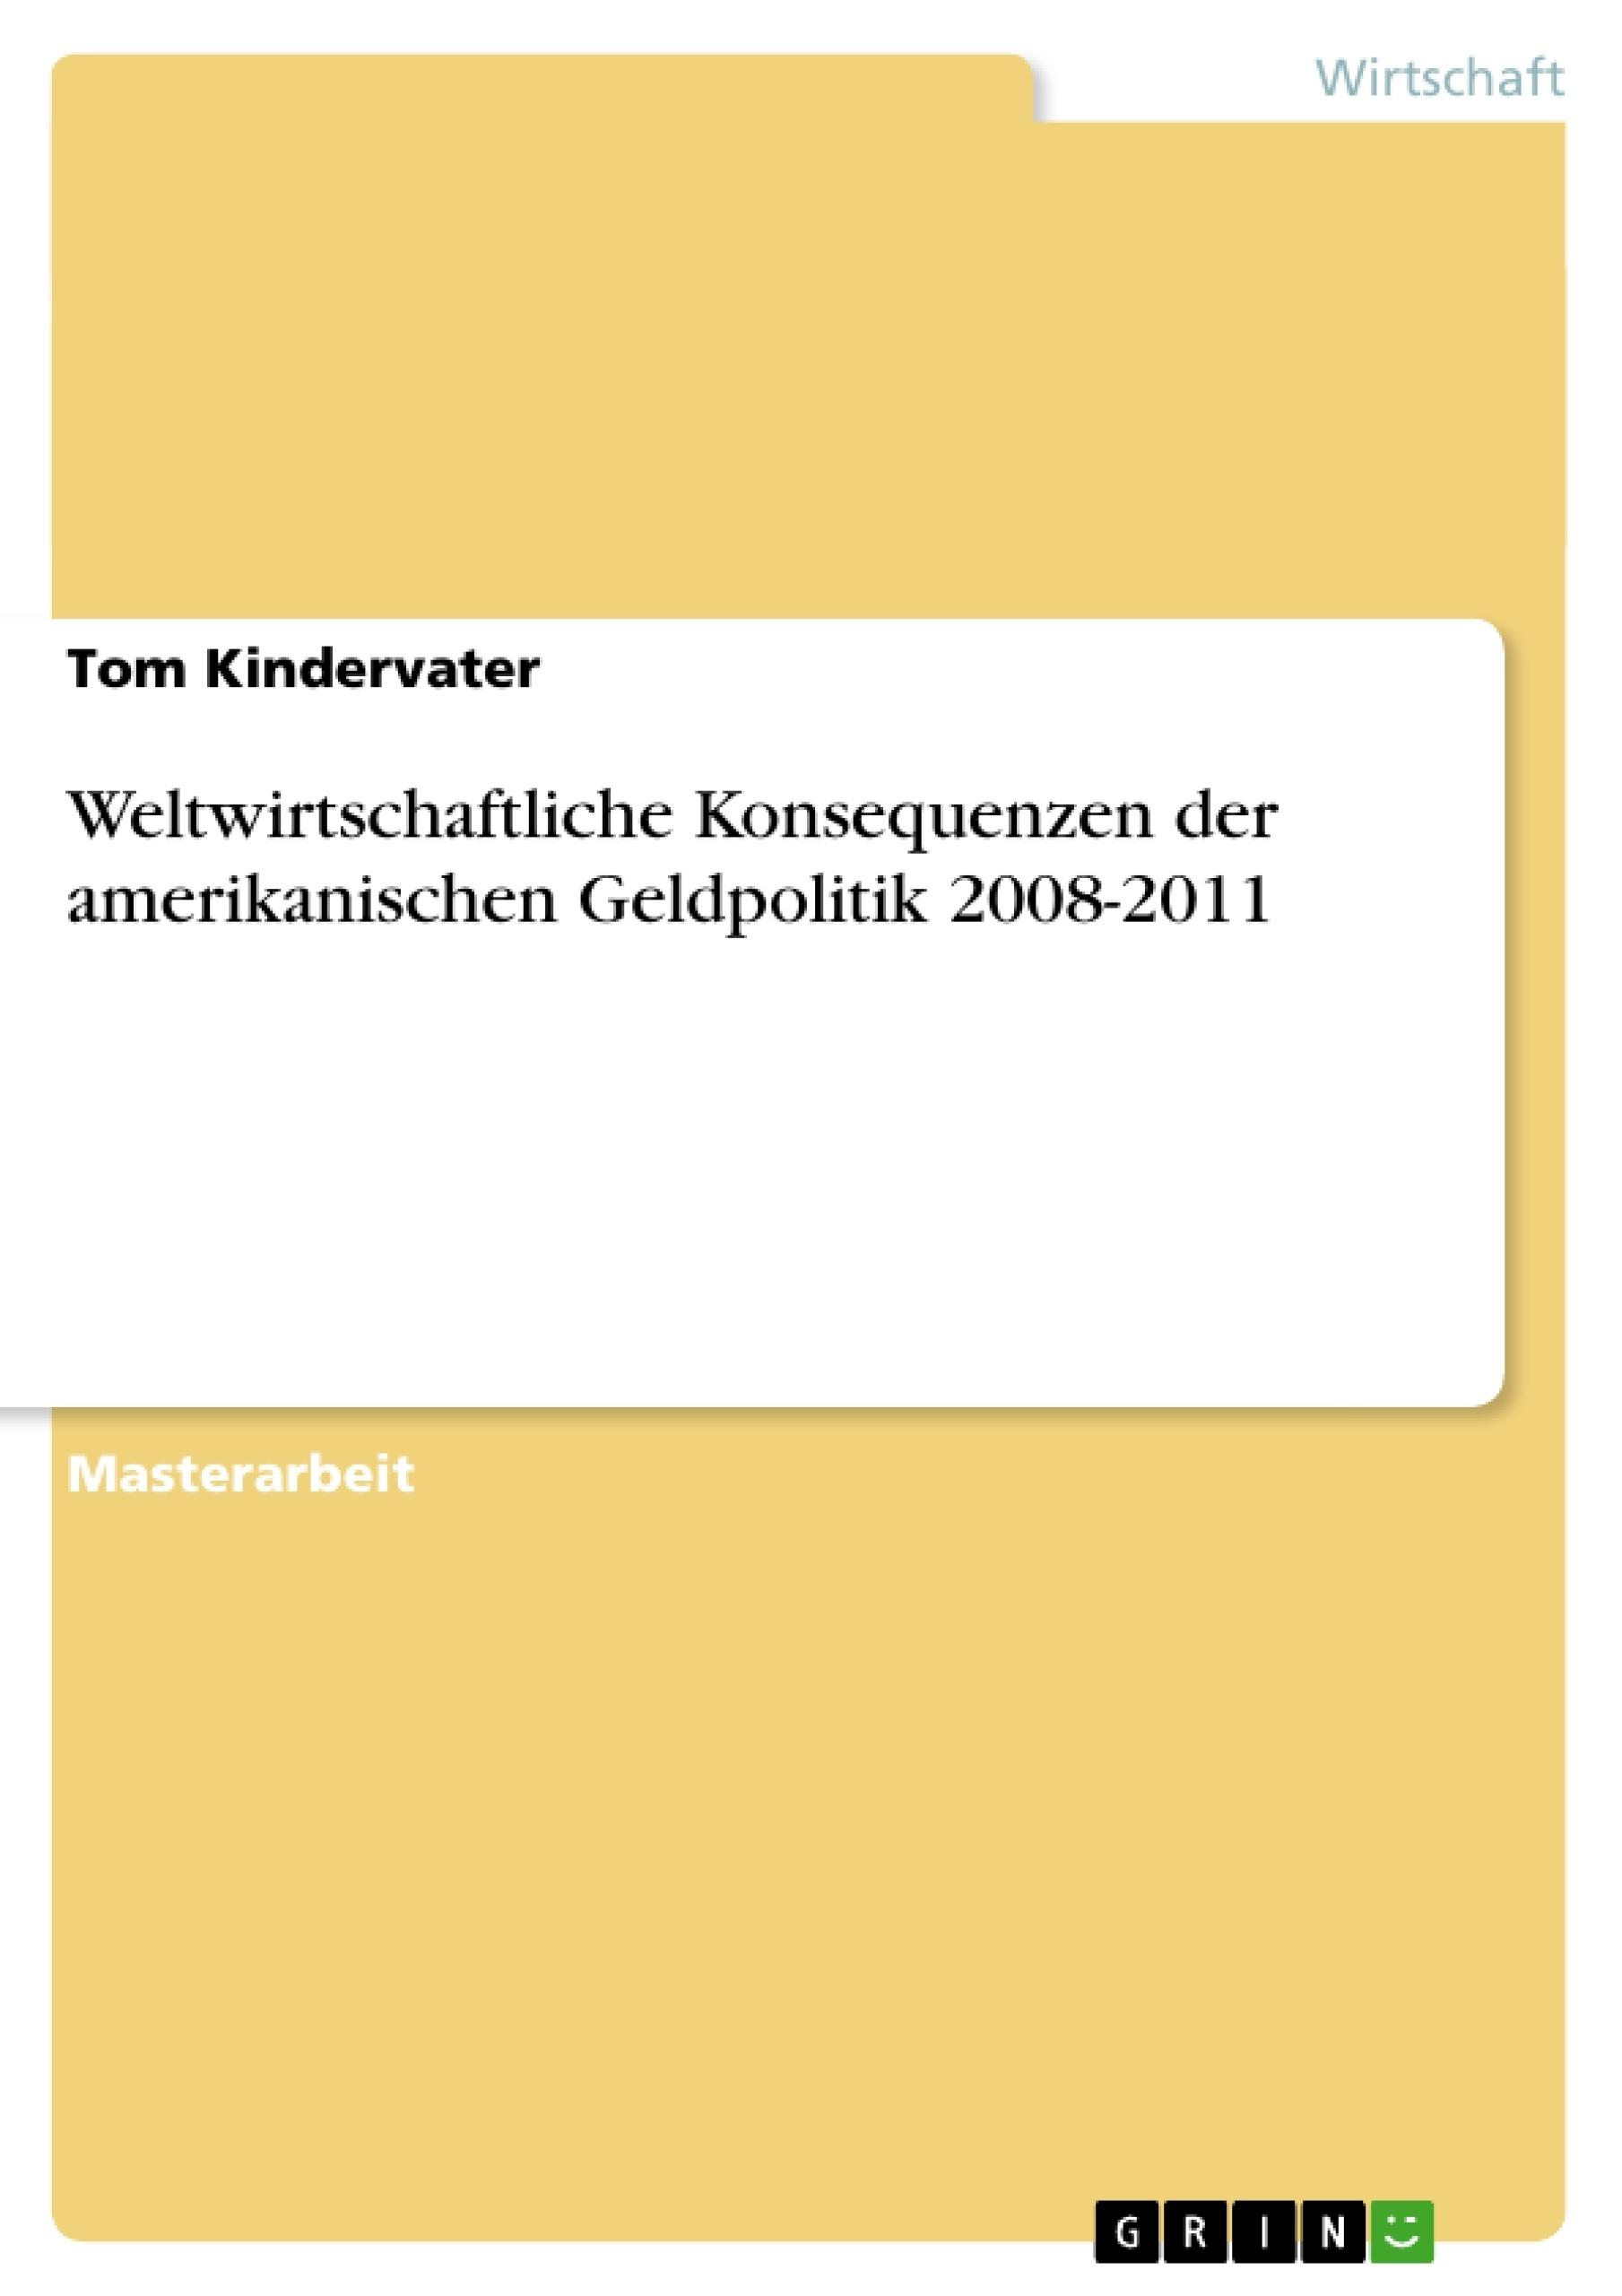 Titel: Weltwirtschaftliche Konsequenzen der amerikanischen Geldpolitik  2008-2011